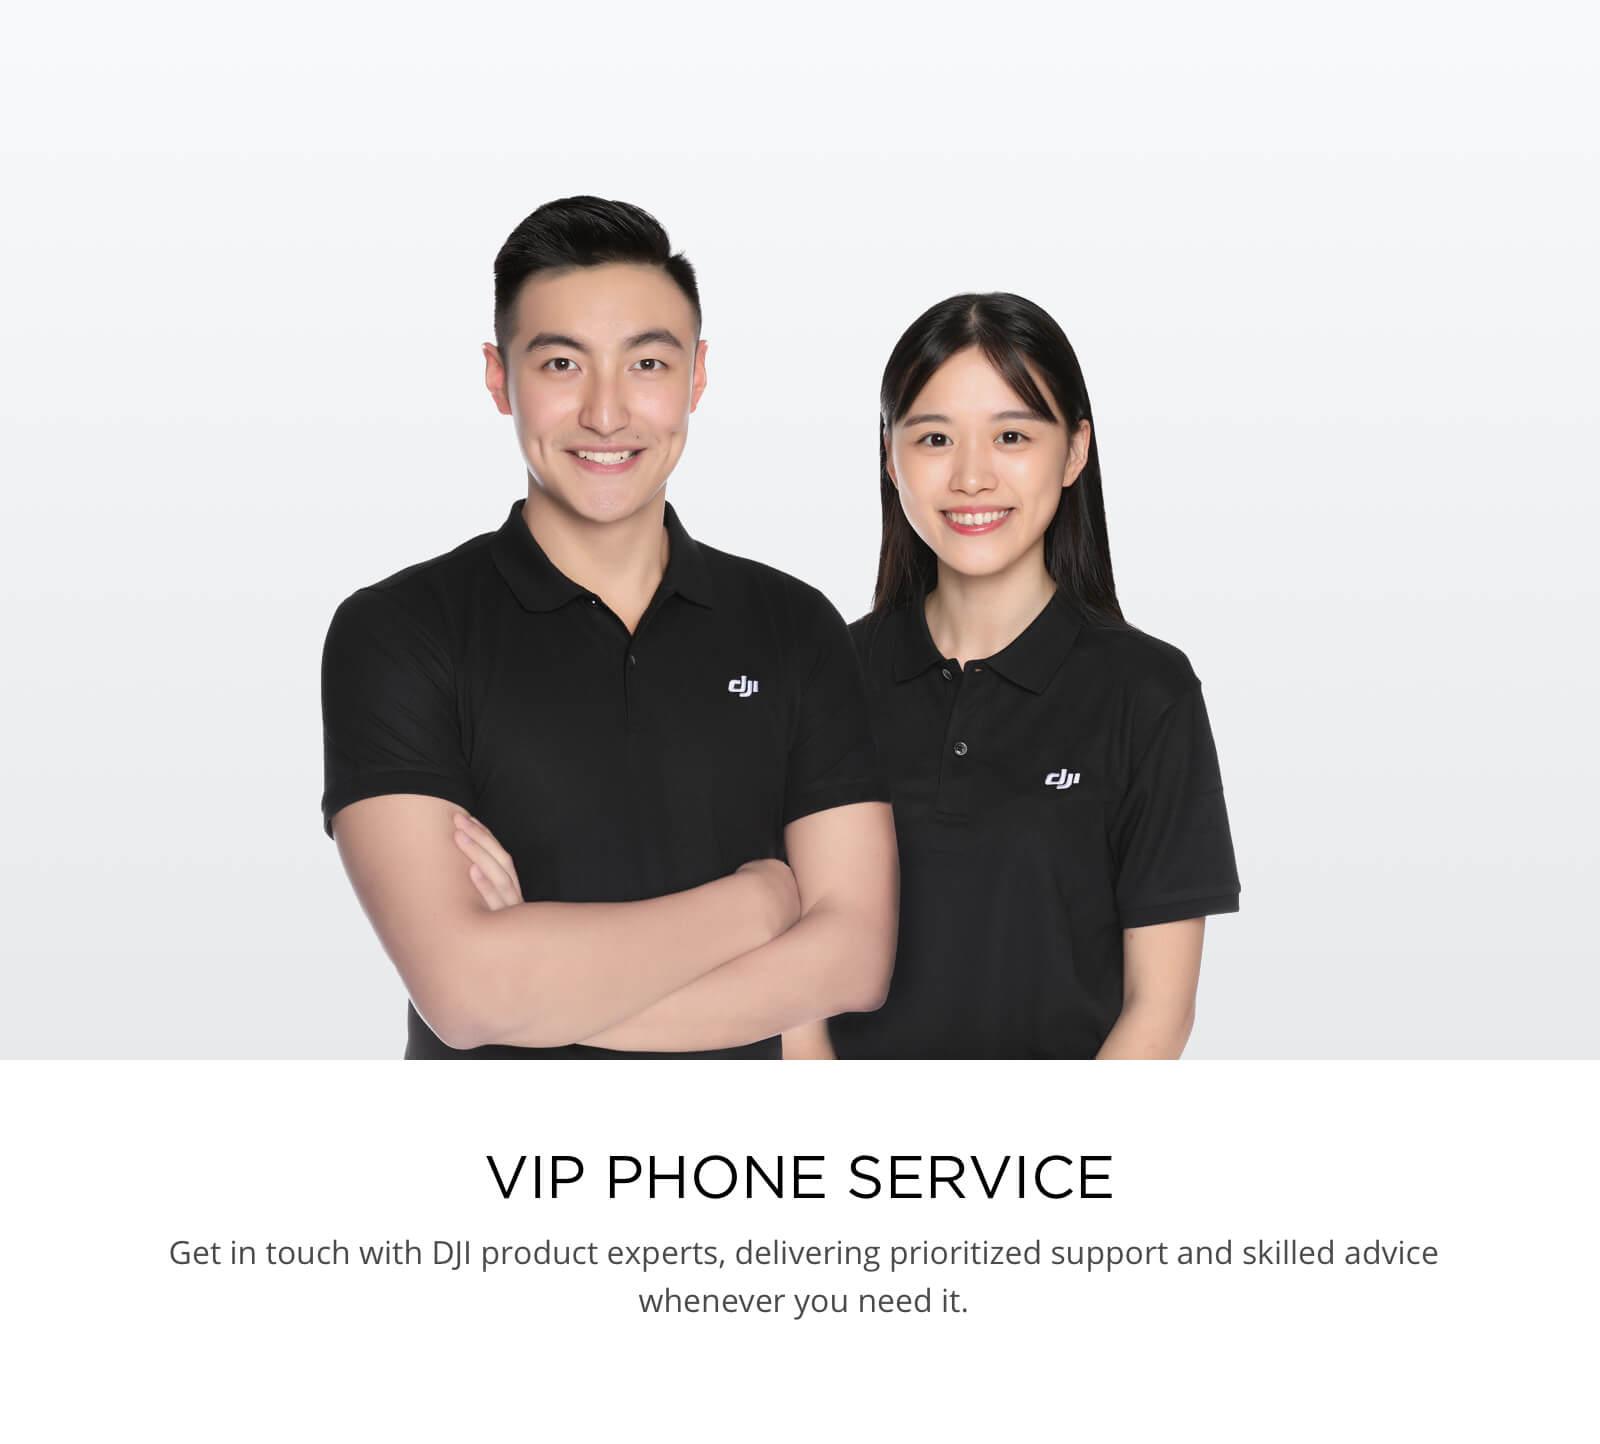 06VIP%20Phone%20Service.jpg